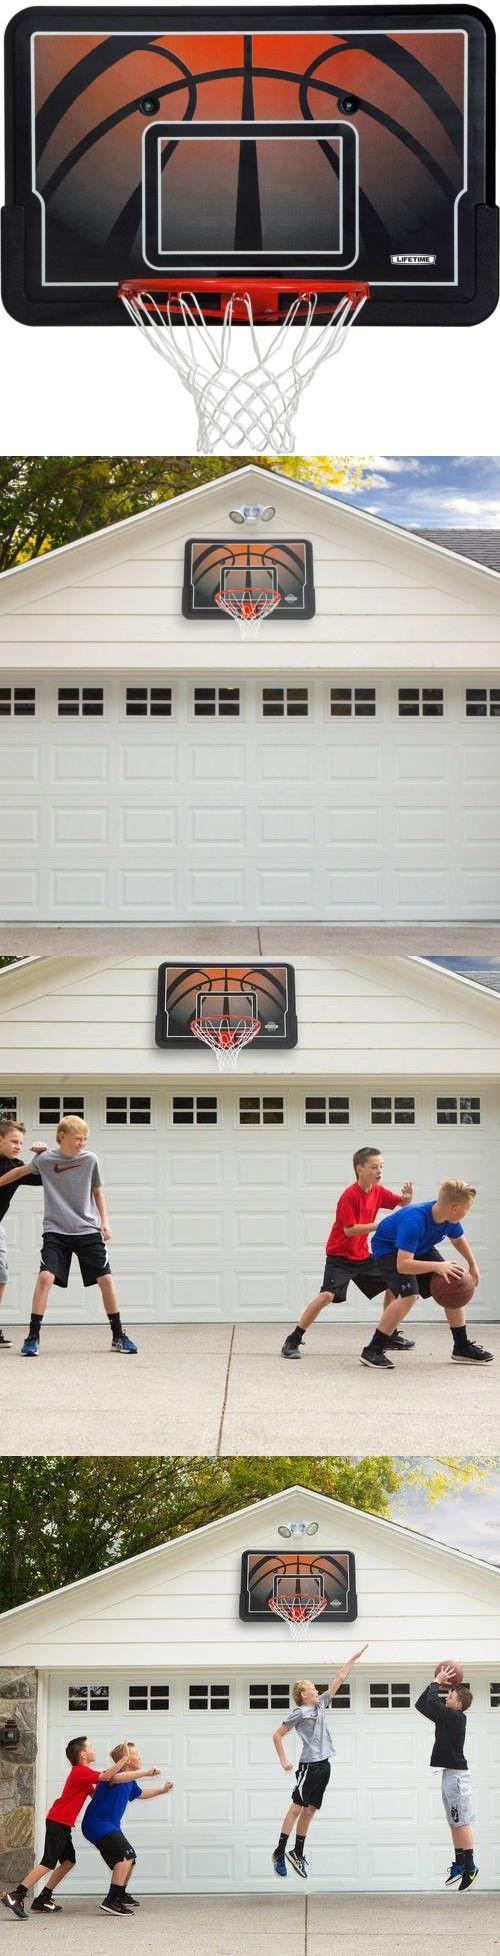 Backboard Systems 21196: Lifetime 44 Inch Outdoor Basketball Hoop Impact Backboard Steel Rim Combo Heavy -> BUY IT NOW ONLY: $60.09 on eBay!